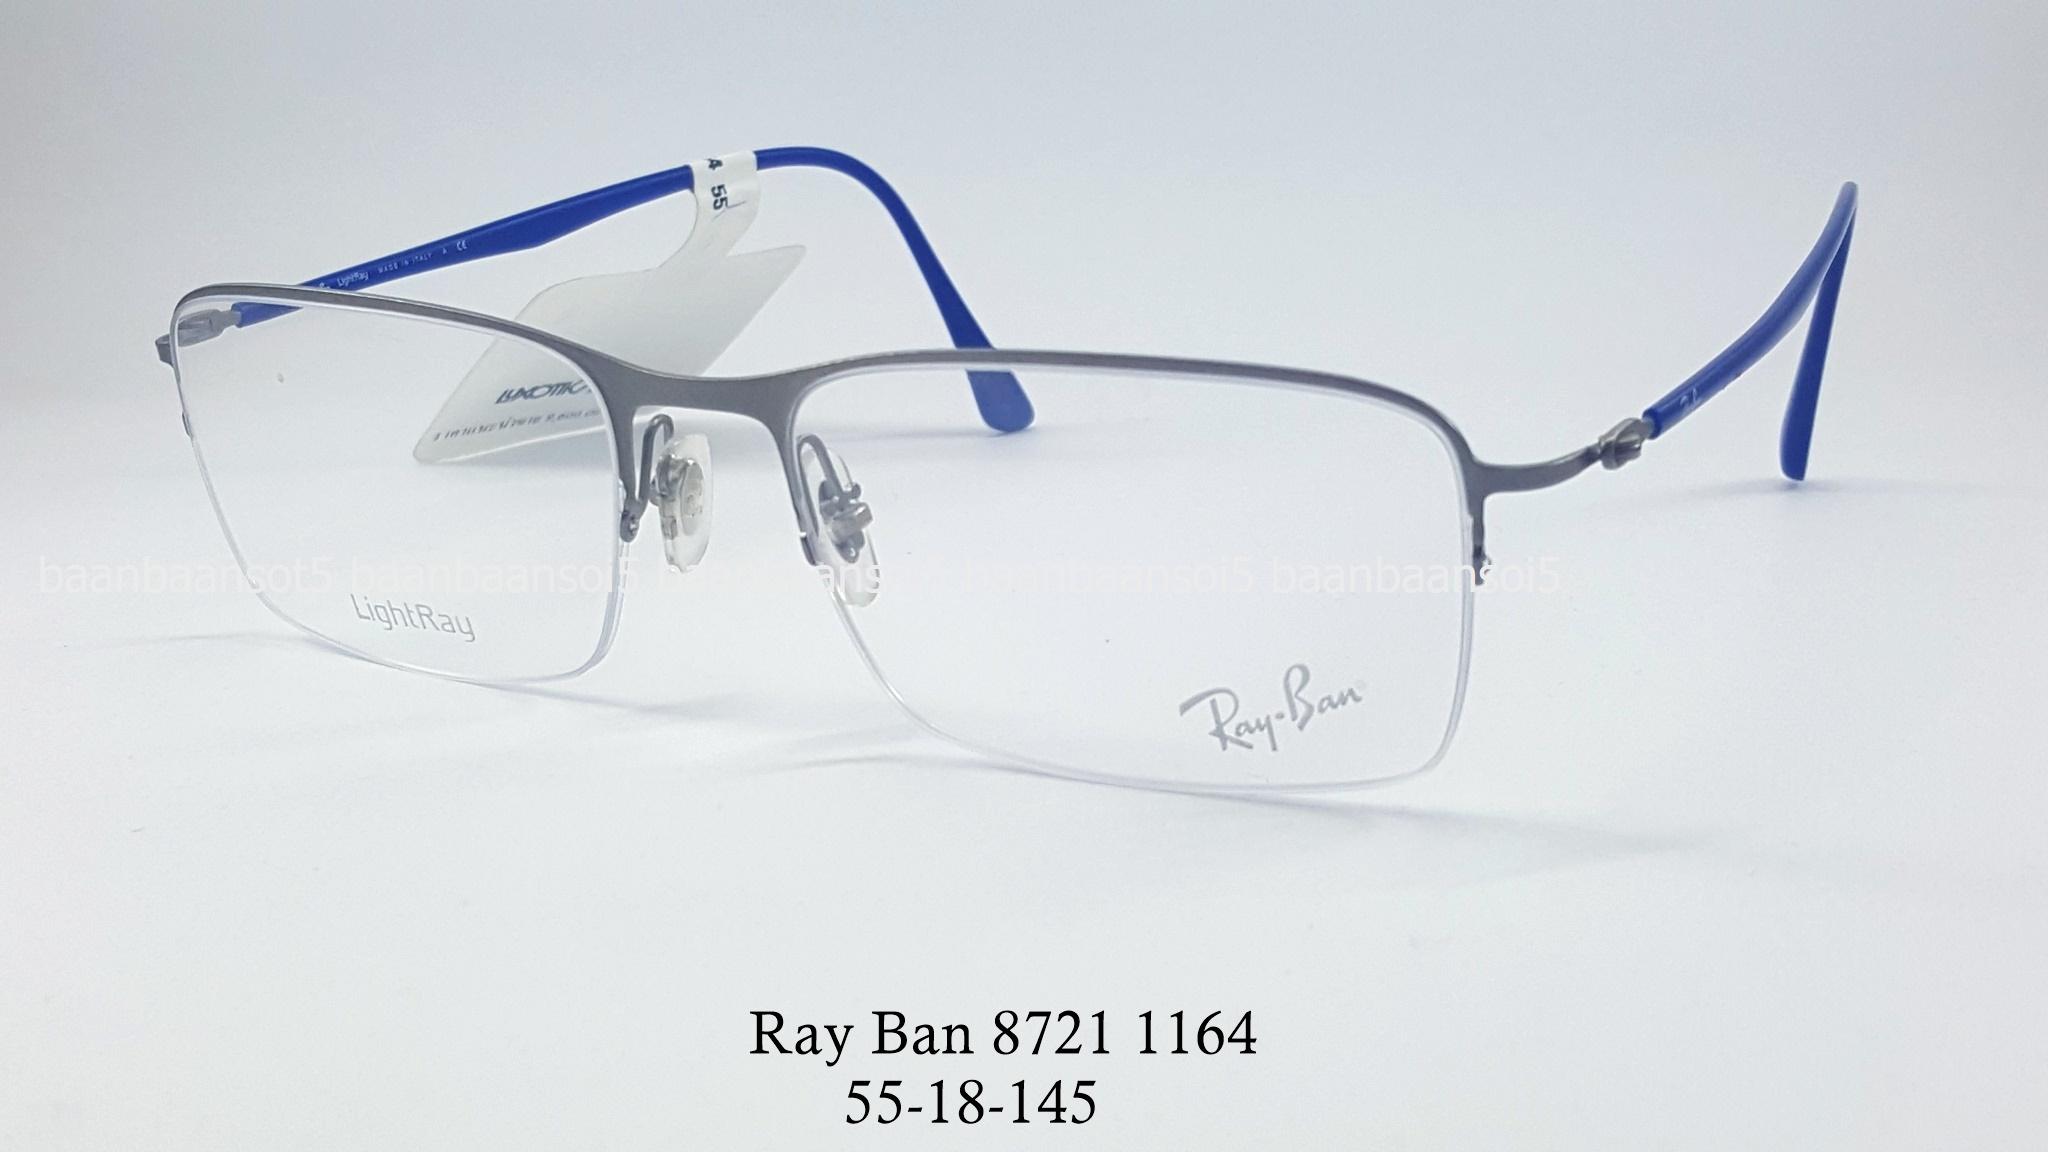 Rayban RX8721 1164 โปรโมชั่น กรอบแว่นตาพร้อมเลนส์ HOYA ราคา 4,900 บาท